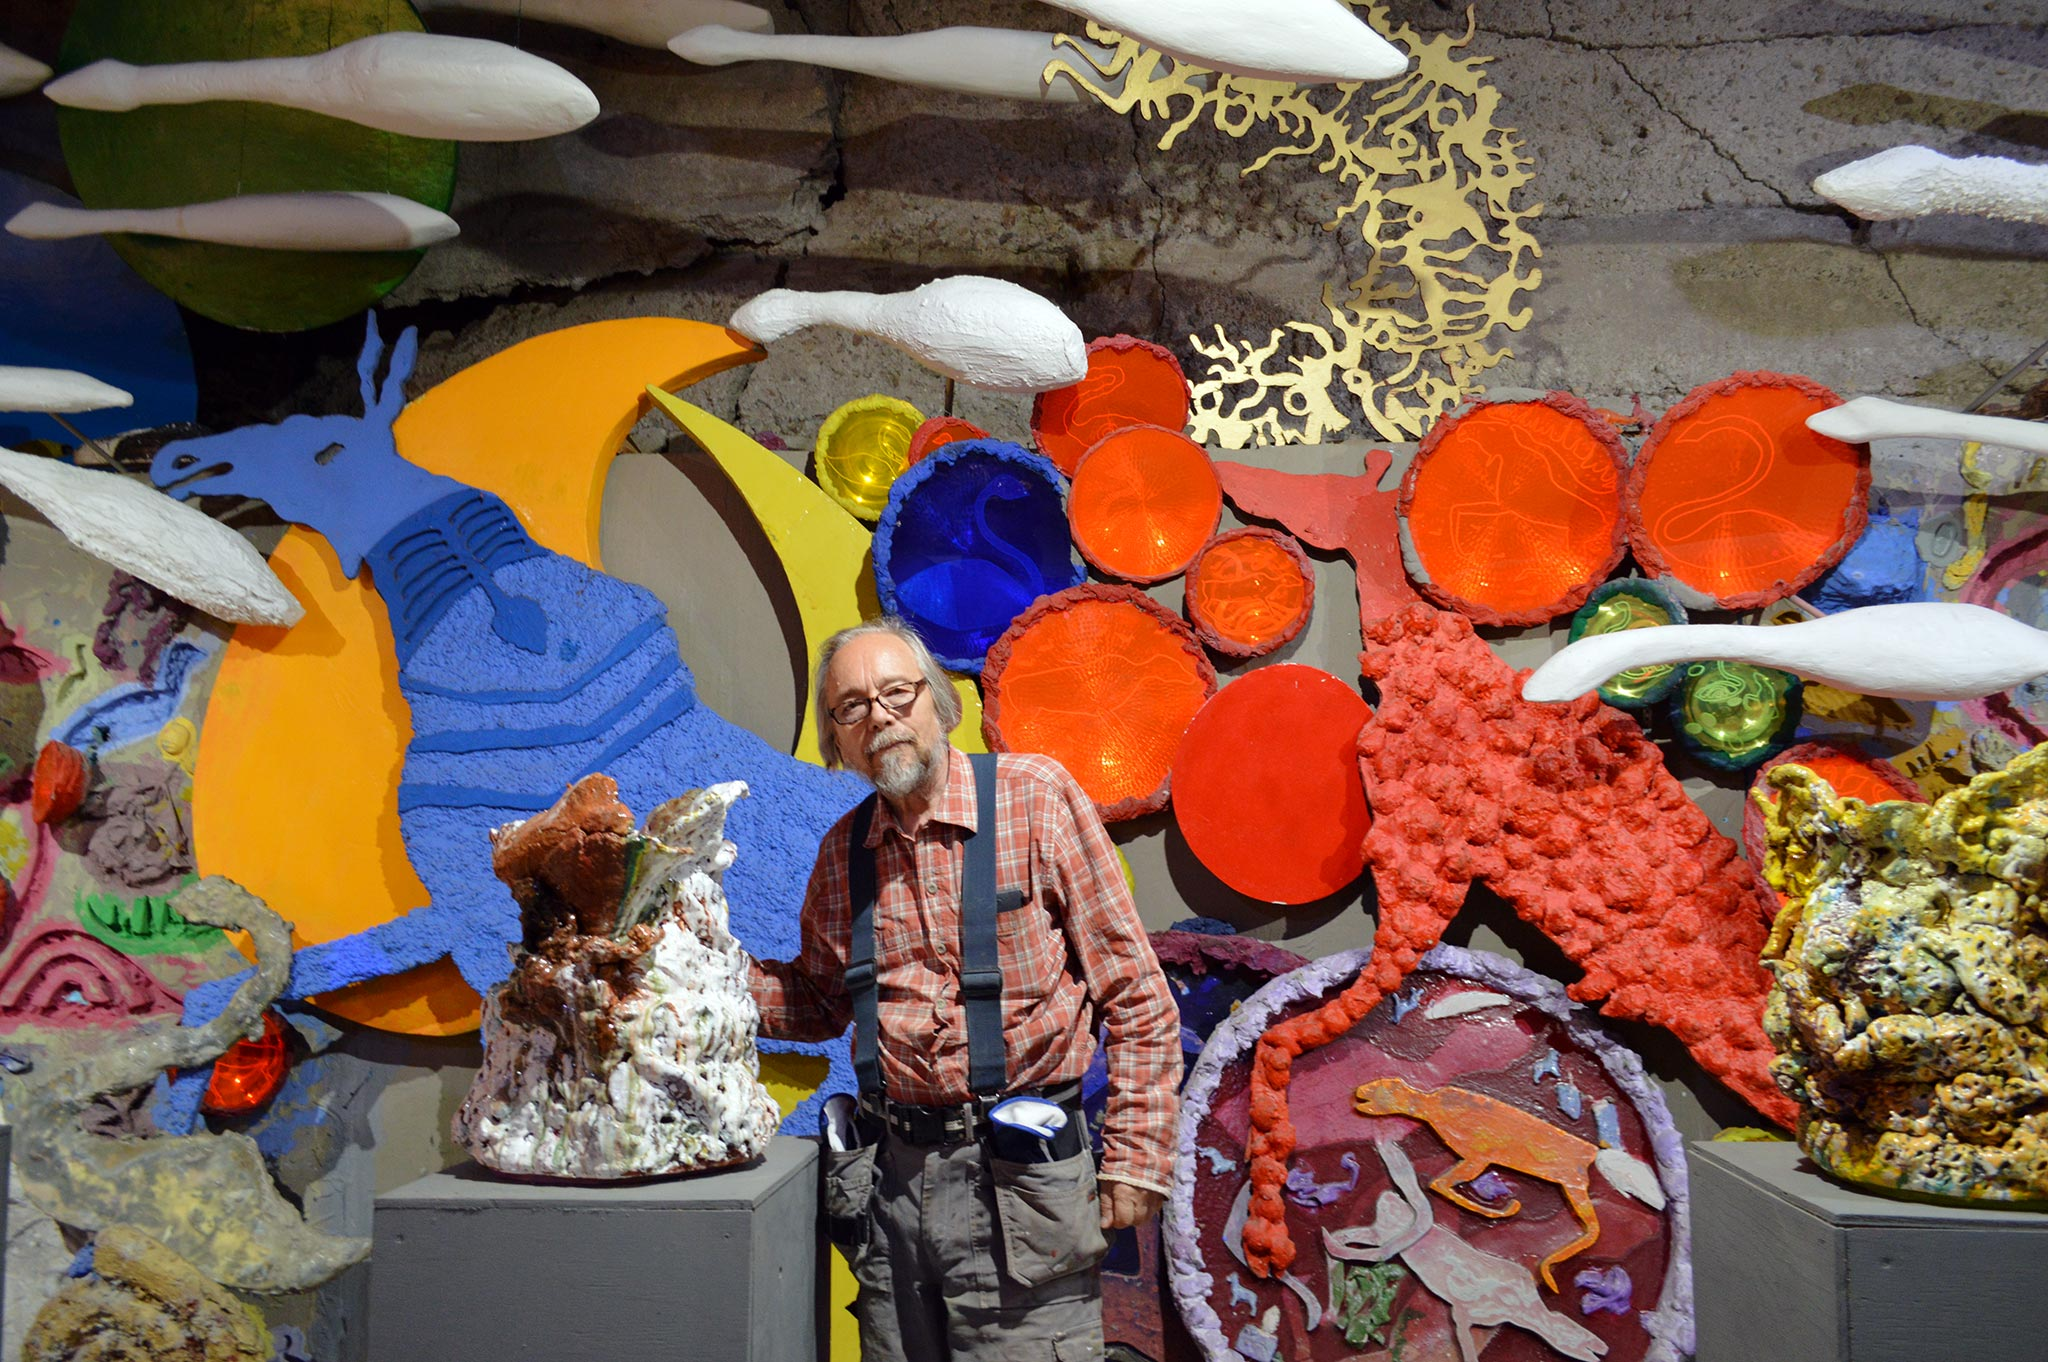 Taiteilija Antero Kare pyörittää Someron Kivimeijeriä ja saa omiin keramiikkateoksiinsa inspiraatiota pohjoisen muinaistaiteesta.